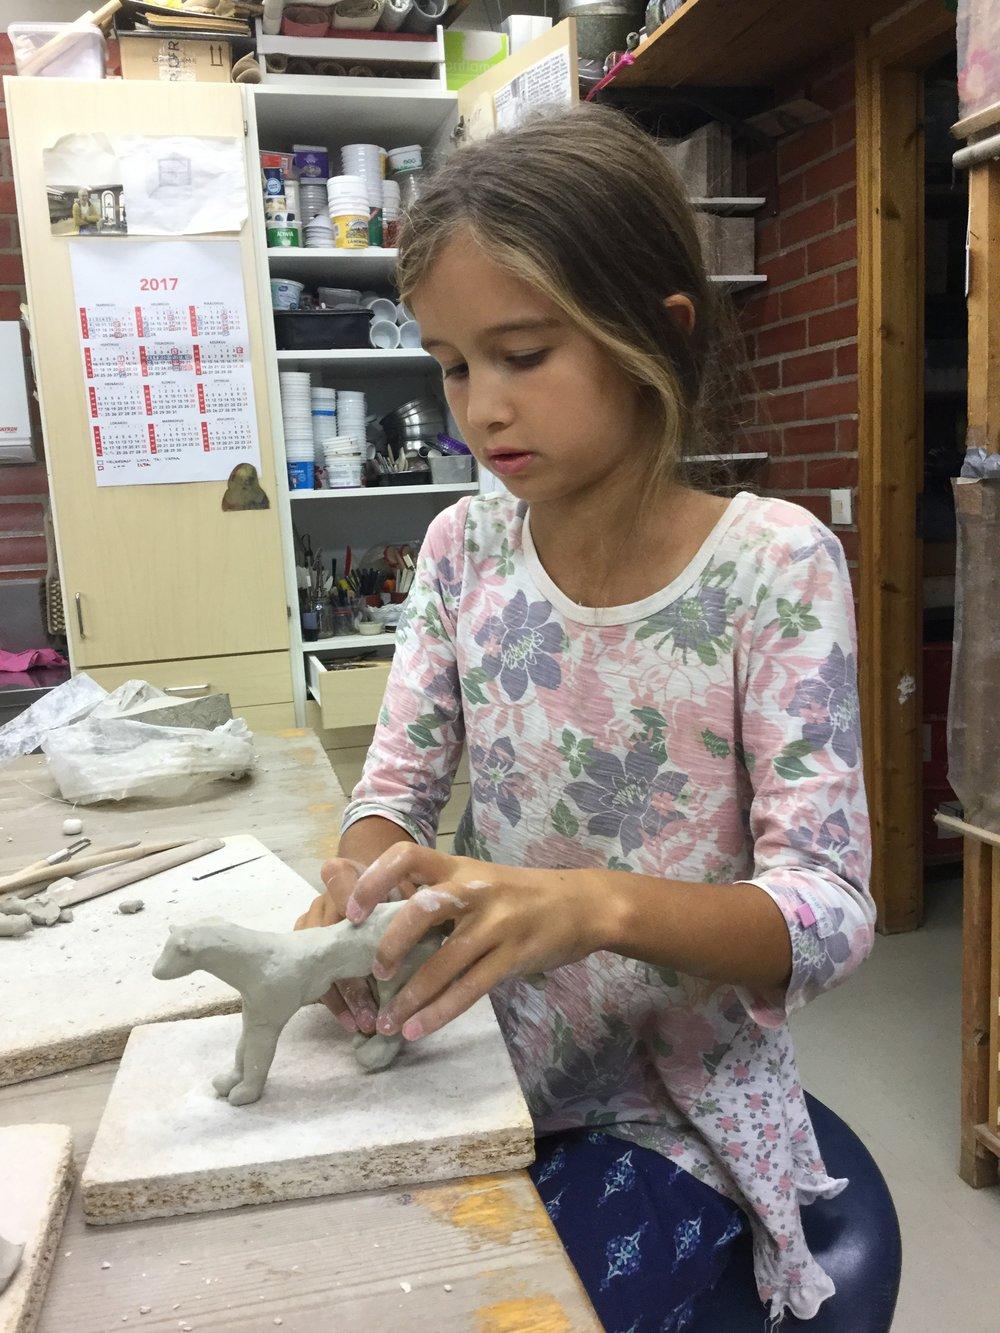 ...ja Lili päätti tehdä ketun. Tämä oli Lilin aivan ensimmäinen kerta tehdä mitään savesta.